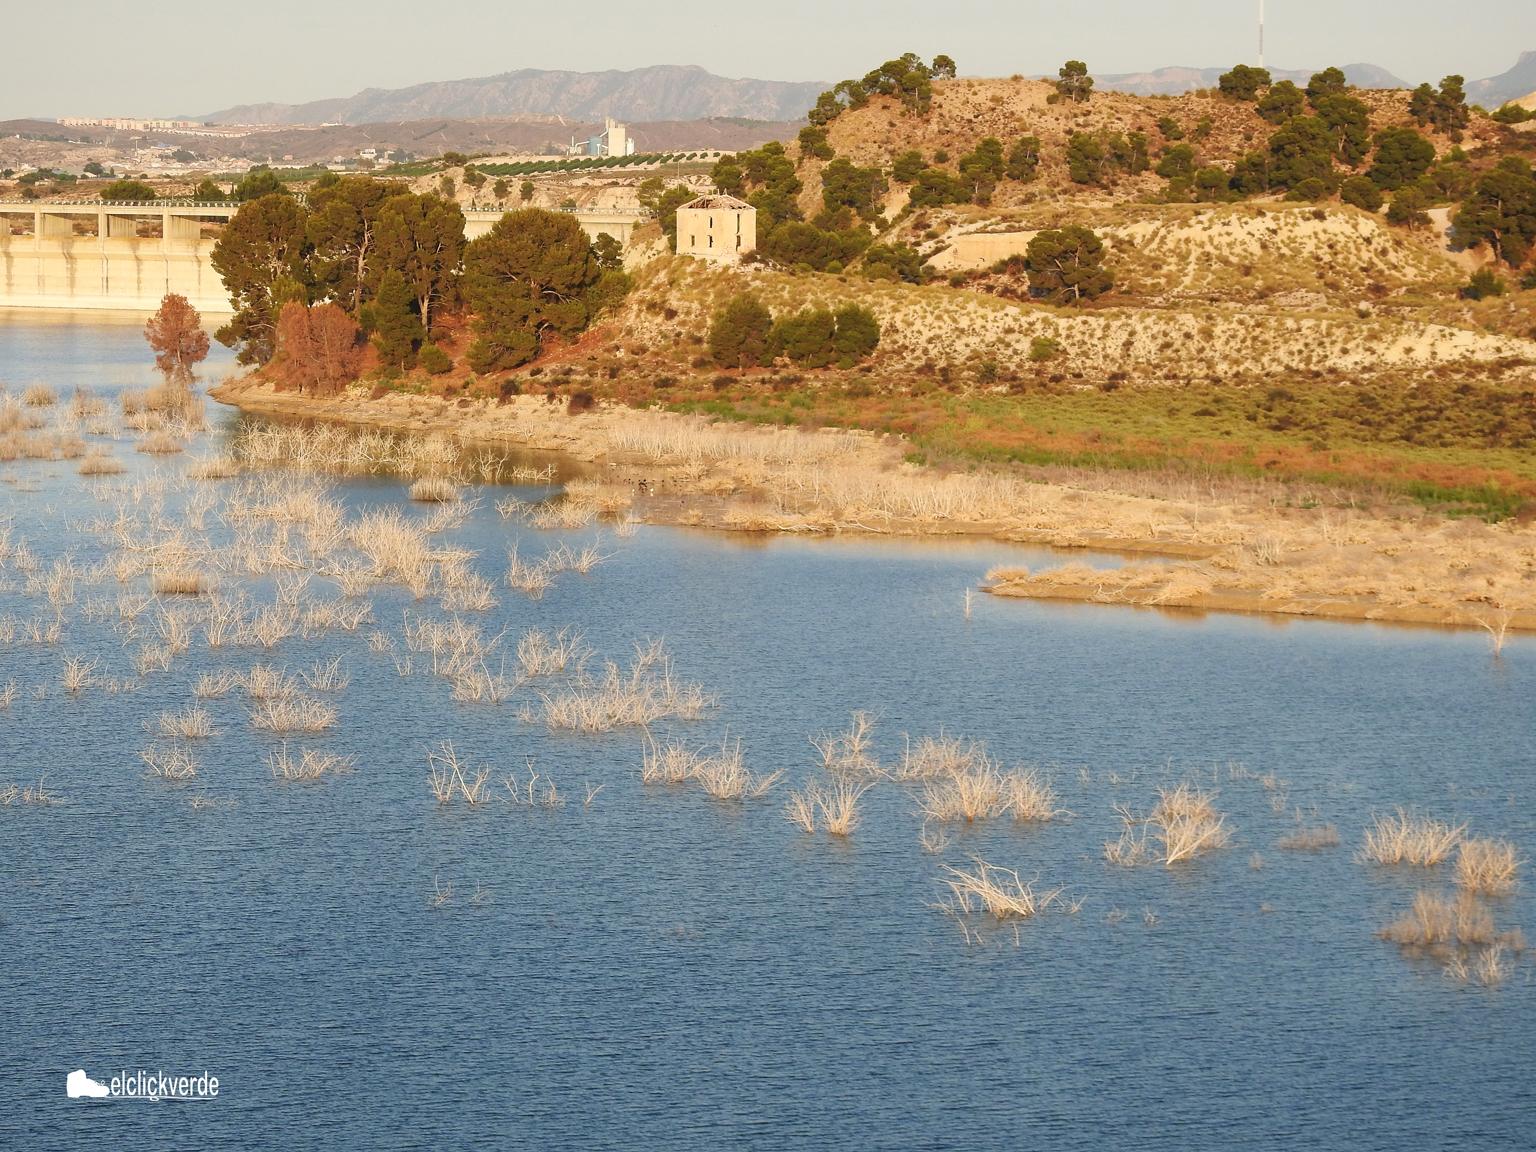 Al fondo, la presa. La orilla es zona de descanso de anátidas, ardeidas y moritos